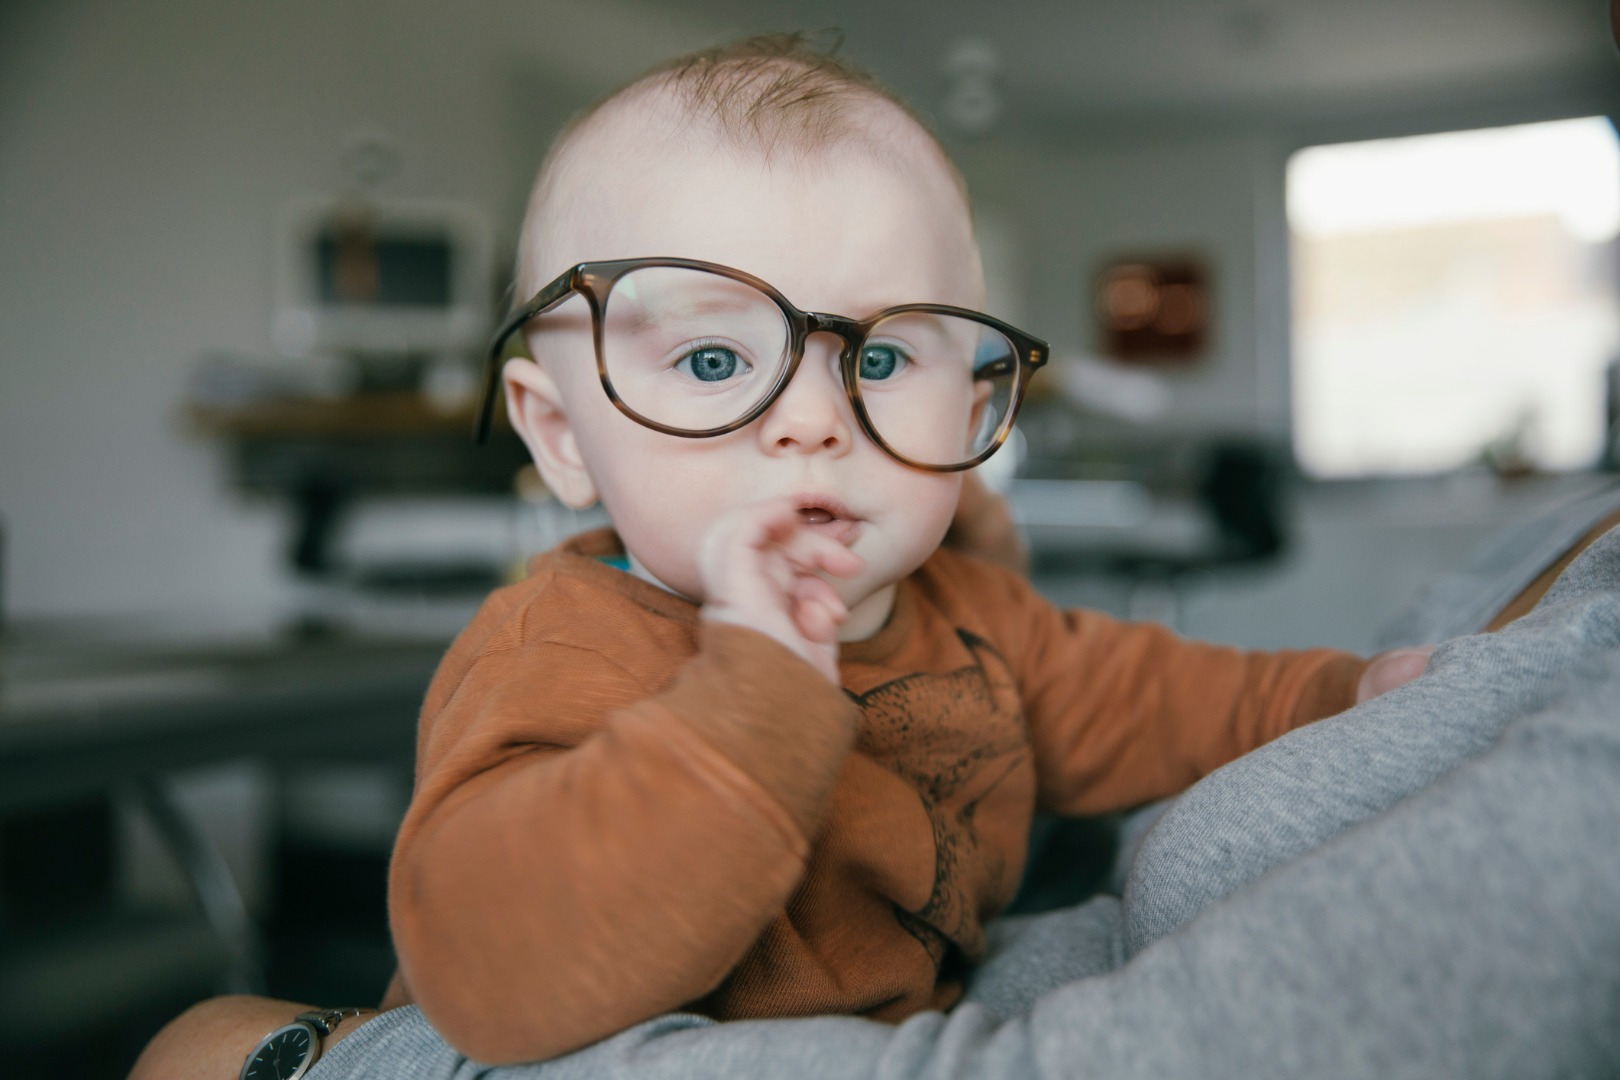 Можно ли делать лазерную коррекцию зрения ребенку: мнение врача